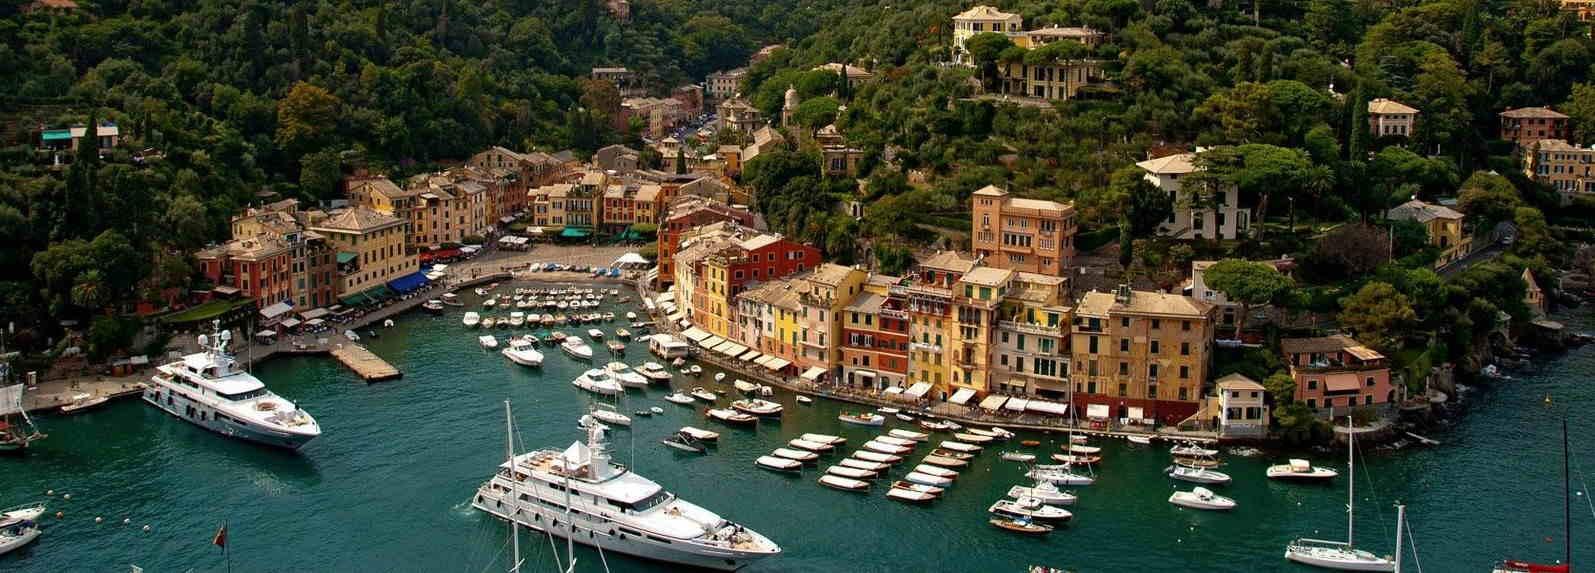 Virtual Tours Italy